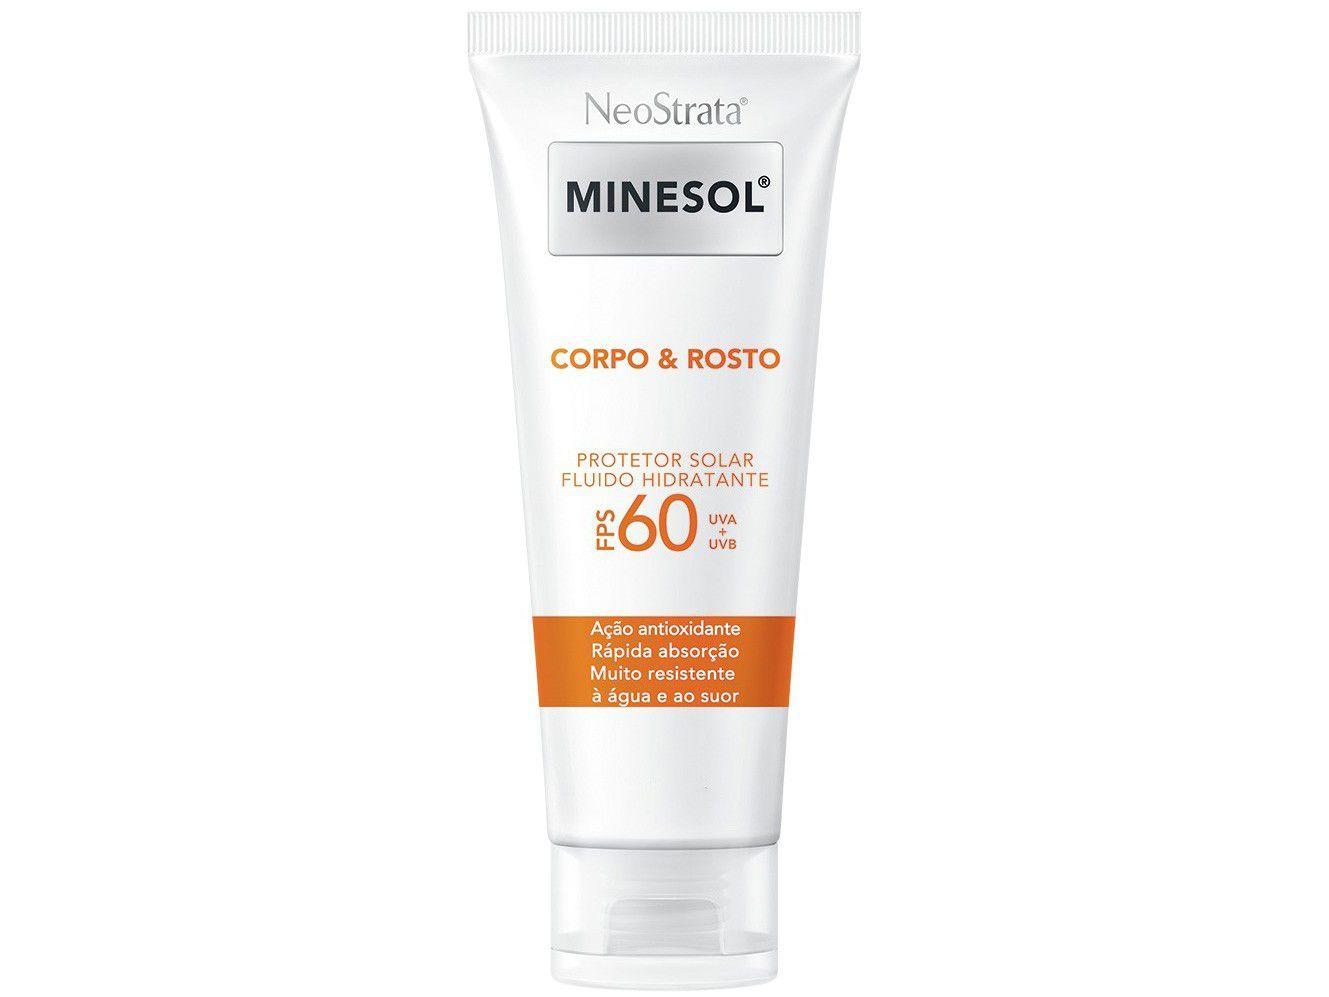 Protetor Solar Corporal e Facial Neostrata Minesol - FPS 60 Corpo & Rosto 200ml